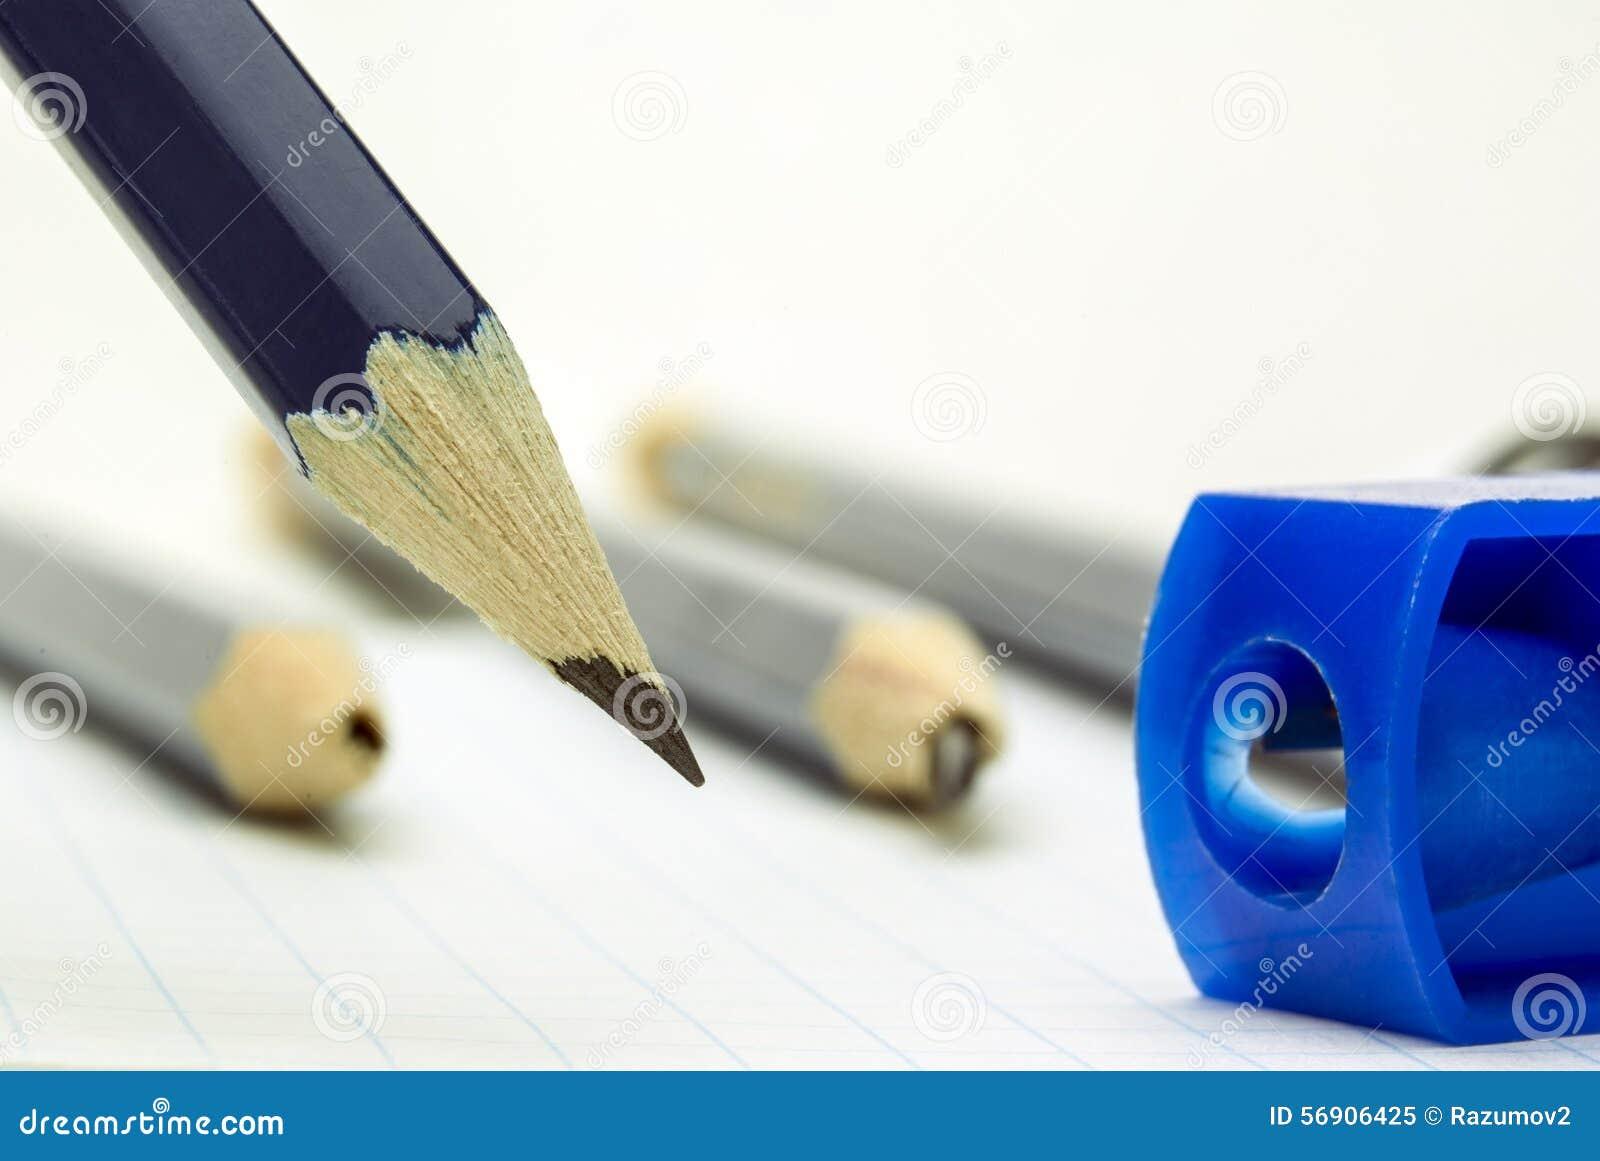 μπλε μολύβι αιχμηρό